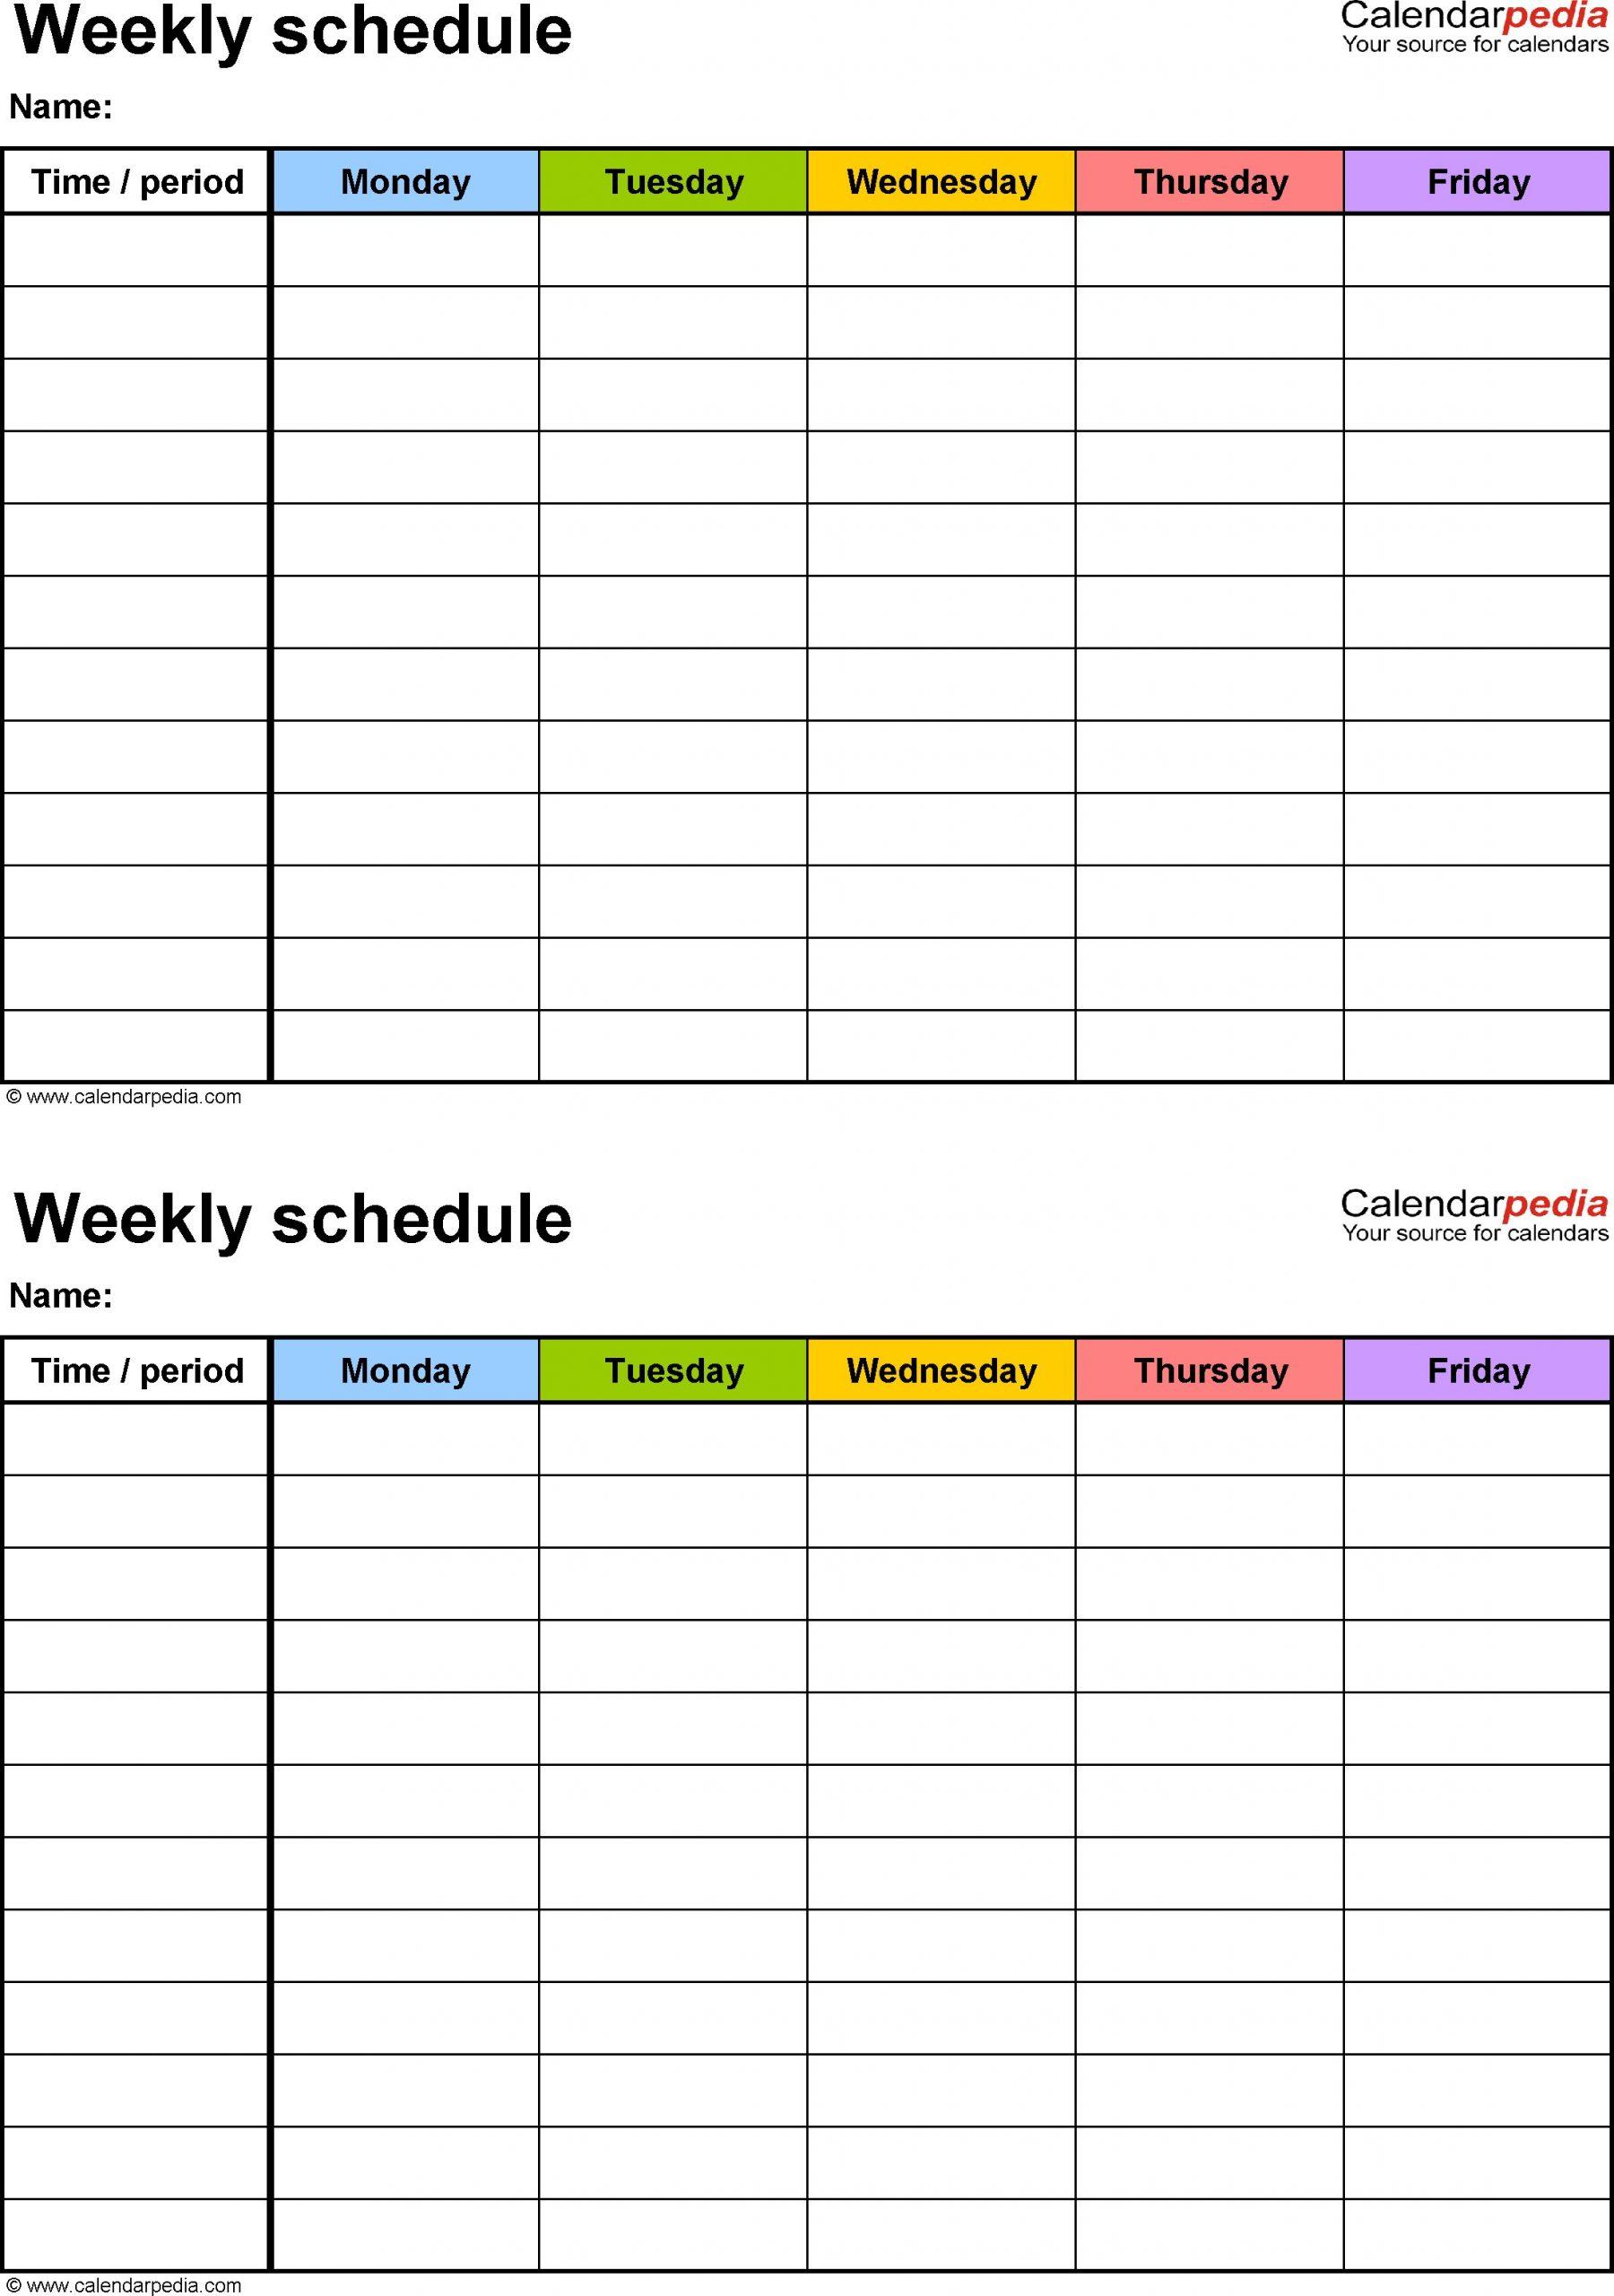 Weekly Schedule Template Pdf – Task List Templates Editable One Week Calendar